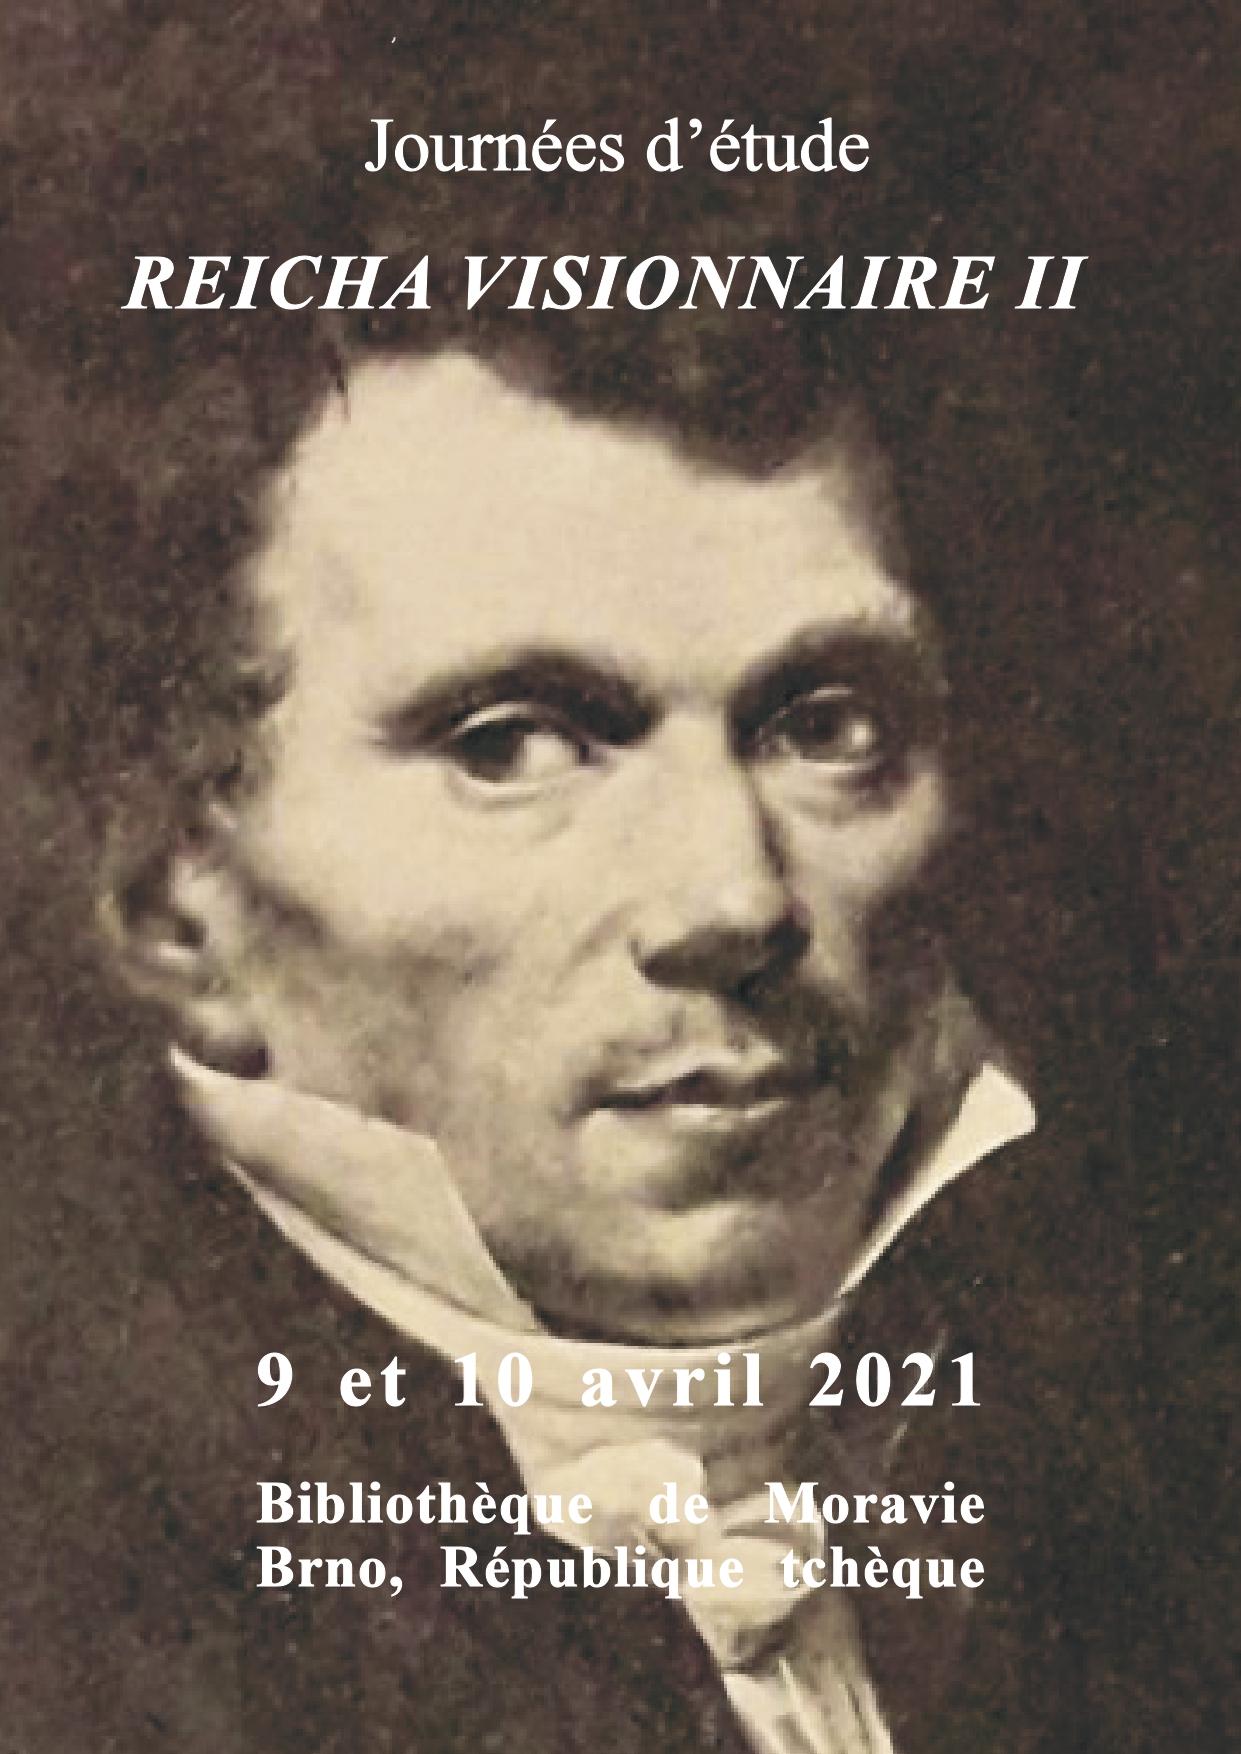 Appel à communication - Journées d'étude : Reicha visionnaire II (1770-2020), 9 et 10 avril 2021